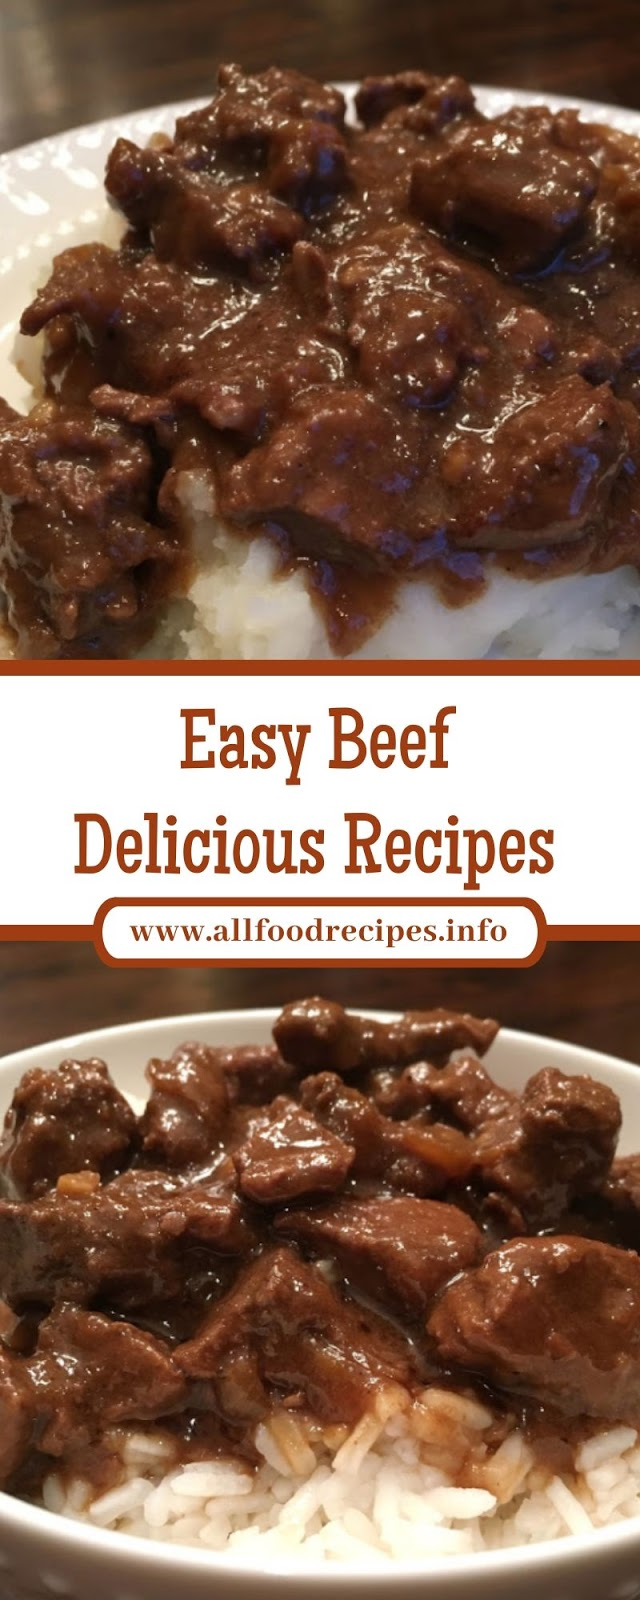 Easy Beef Delicious Recipes